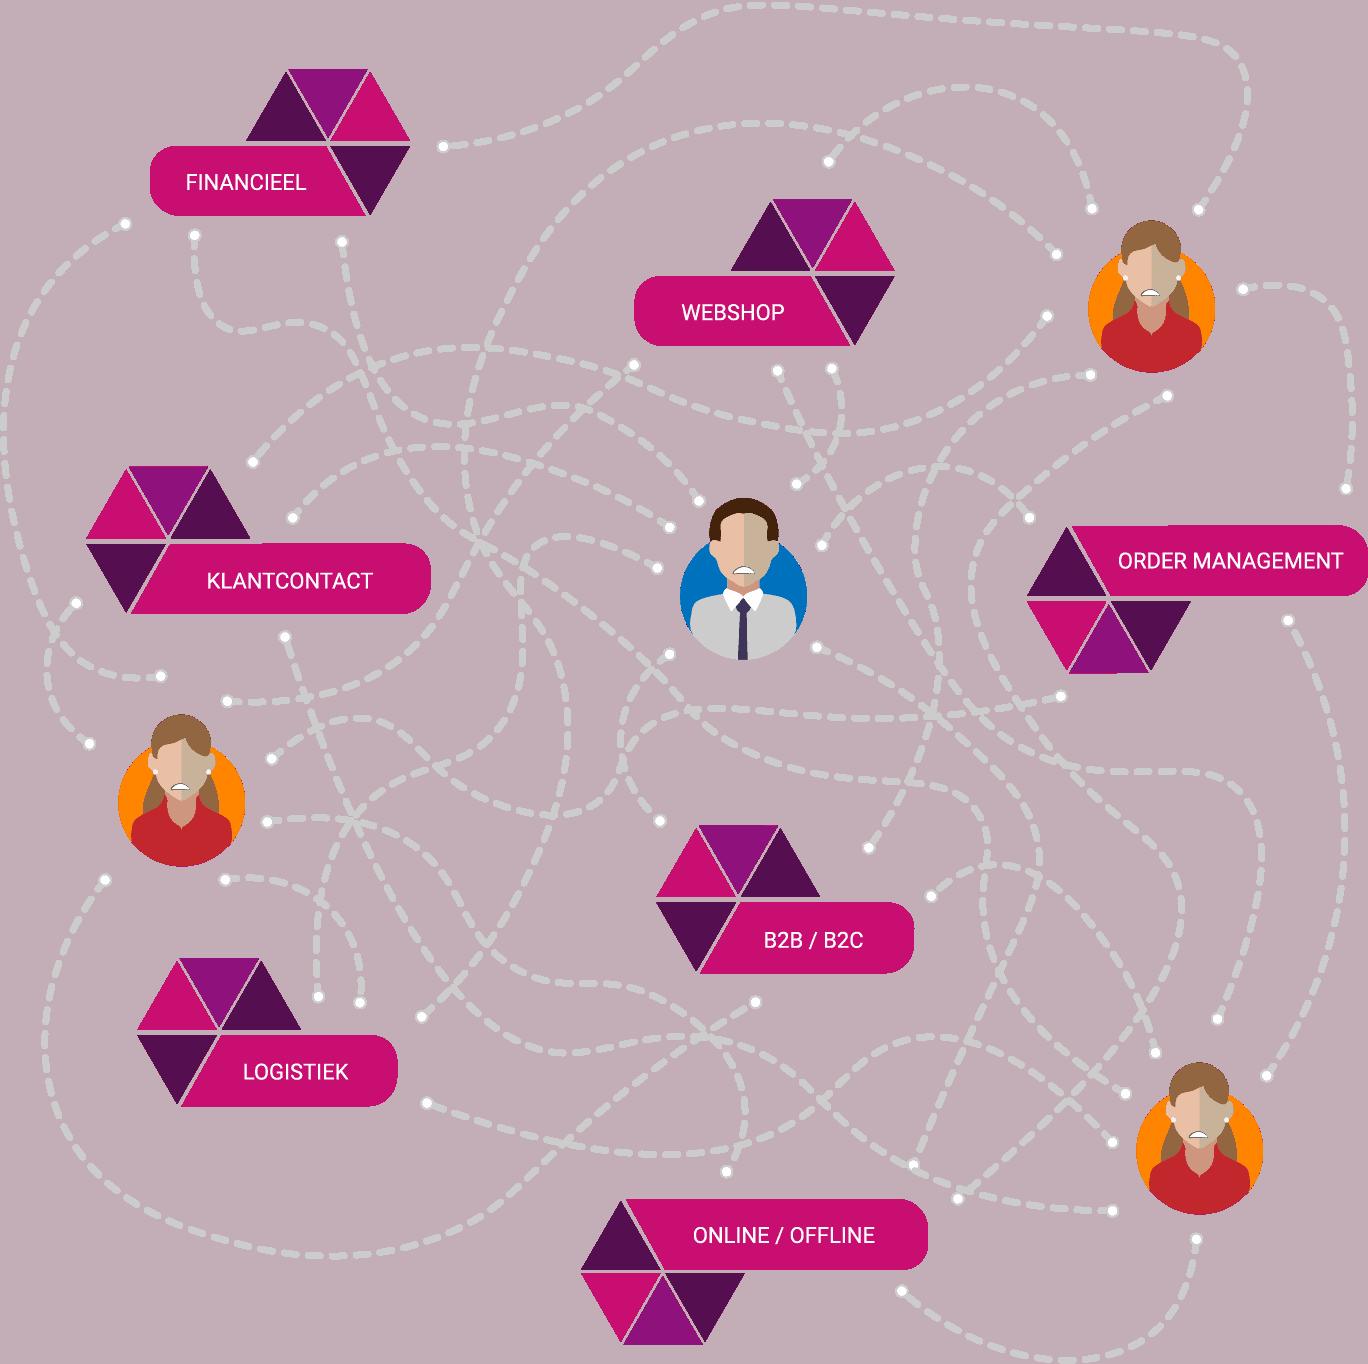 Bedrijfssoftware bestaande uit allerlei losse systemen en koppelingen